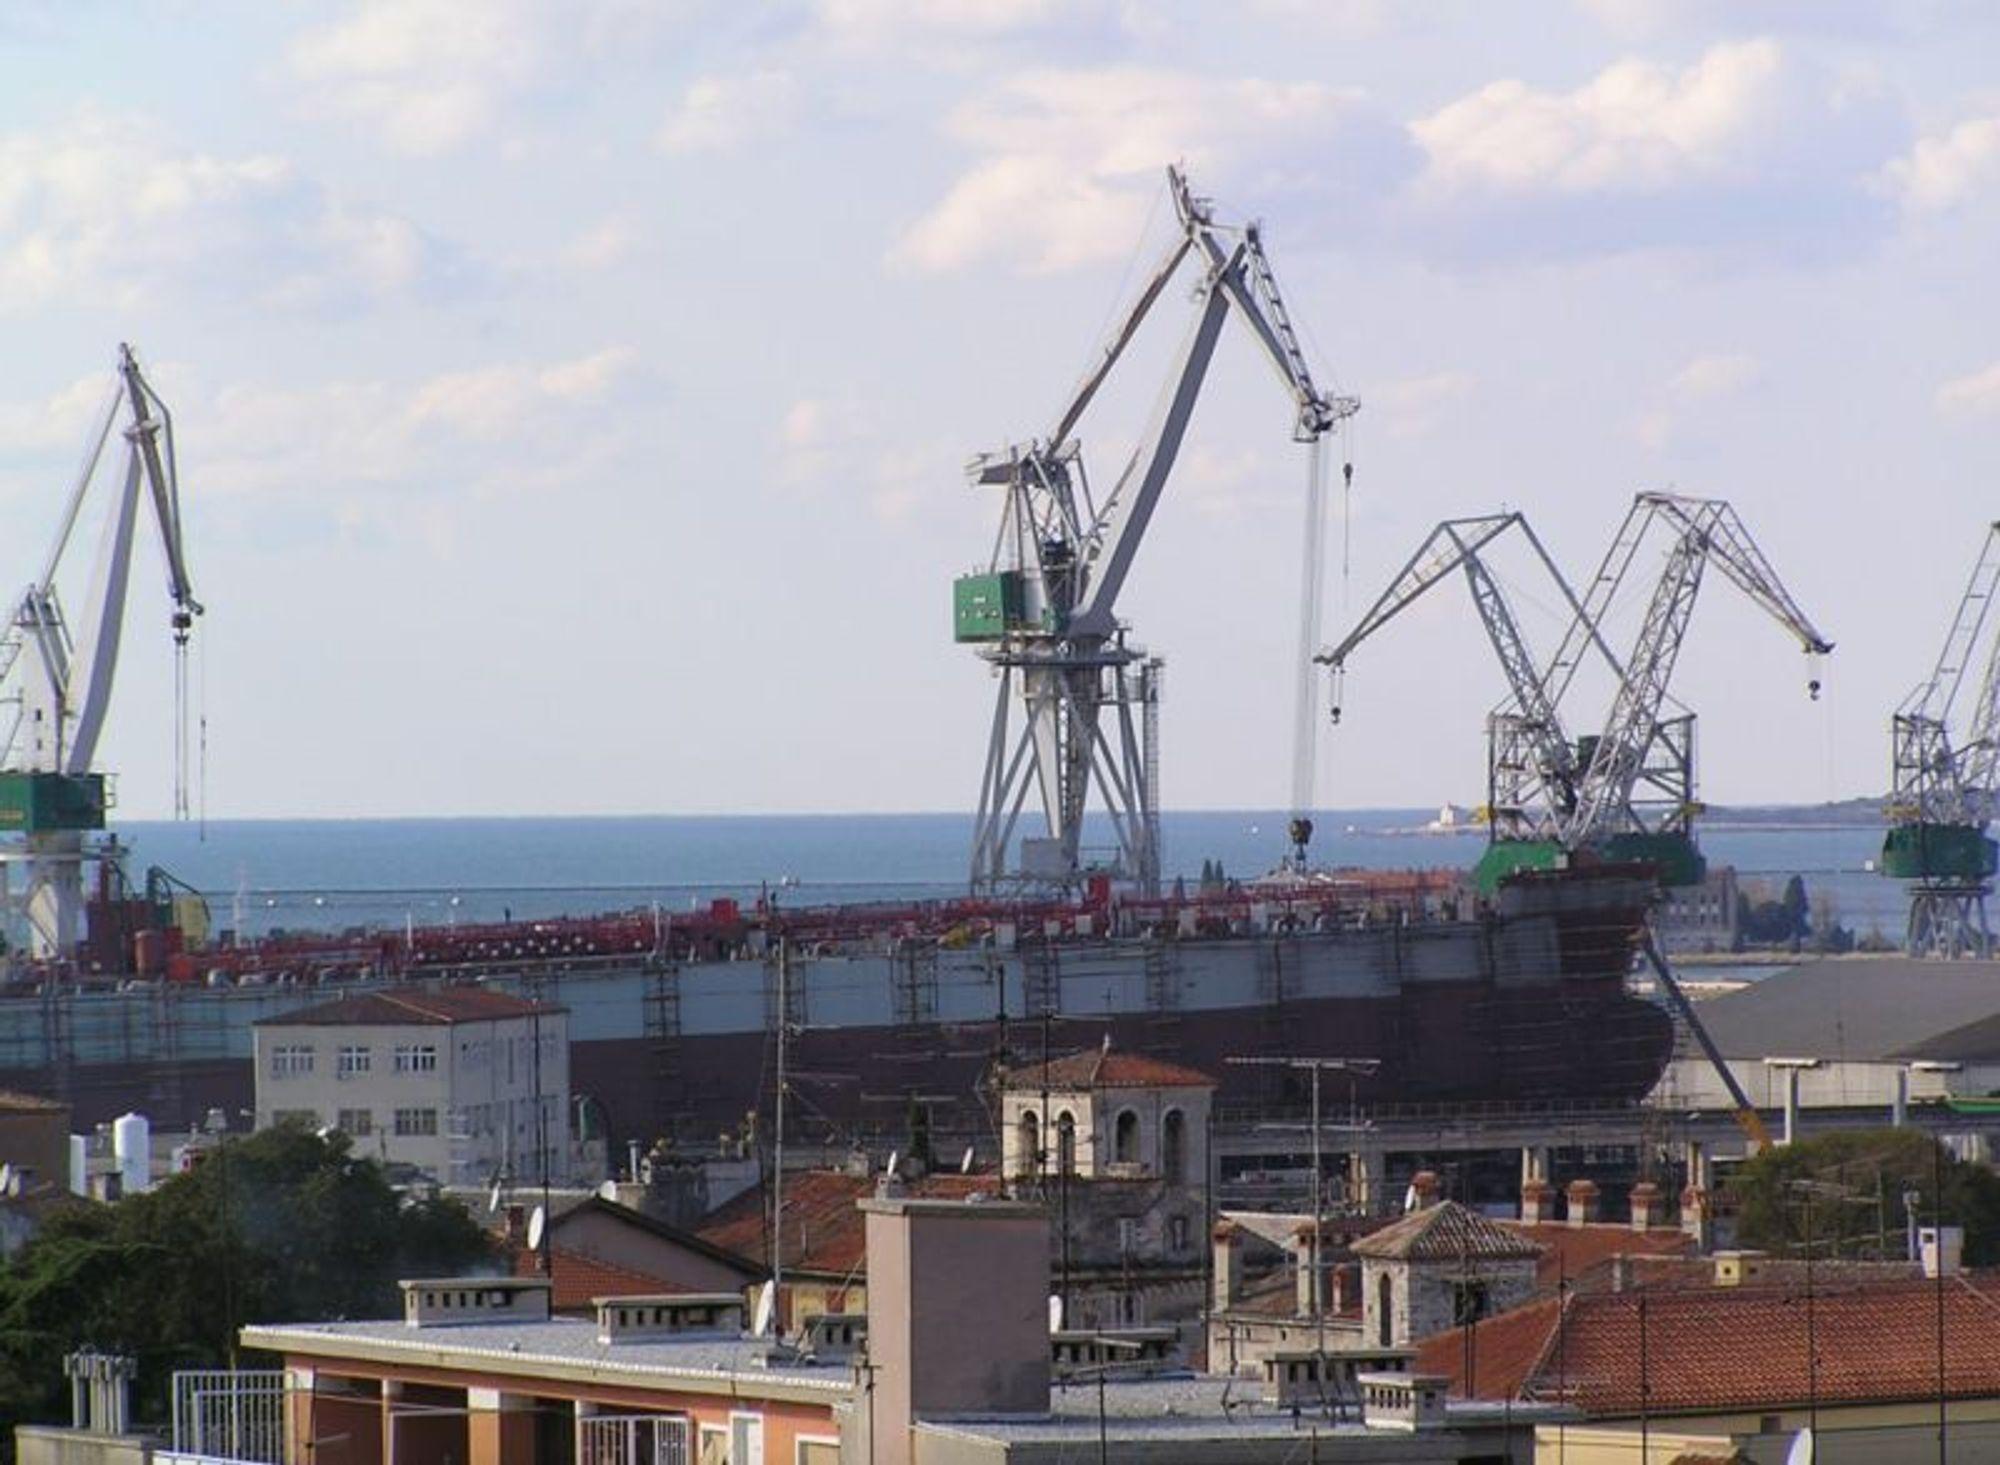 Markedet for tørrlastskip, bulk og containerskip, er overmettet høsten 2008. Verft som byggerslike skip vil lide mest i de nærmeste årene. Norske verft er bedre stilt i og med at de fleste leverer til offshorerelatert virksomhet.